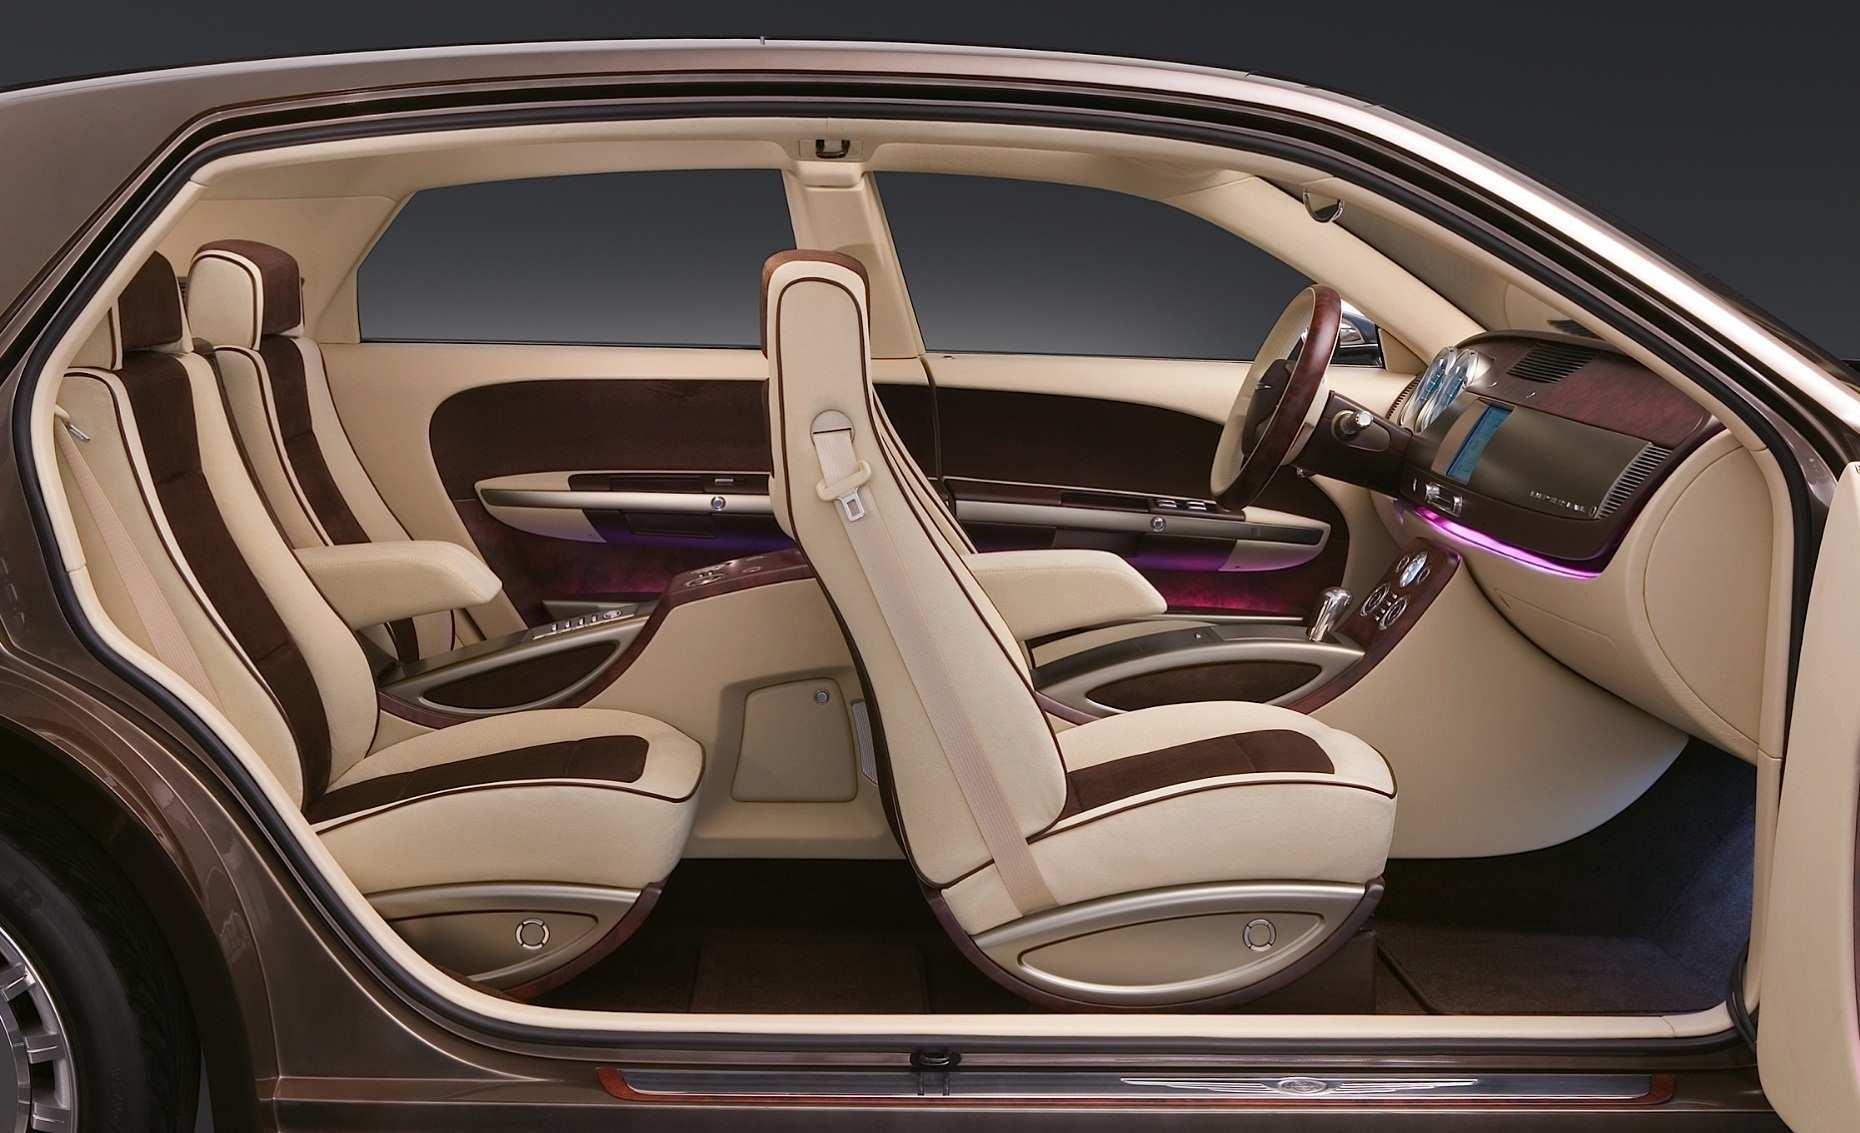 22 Great 2020 Chrysler Imperial History for 2020 Chrysler Imperial